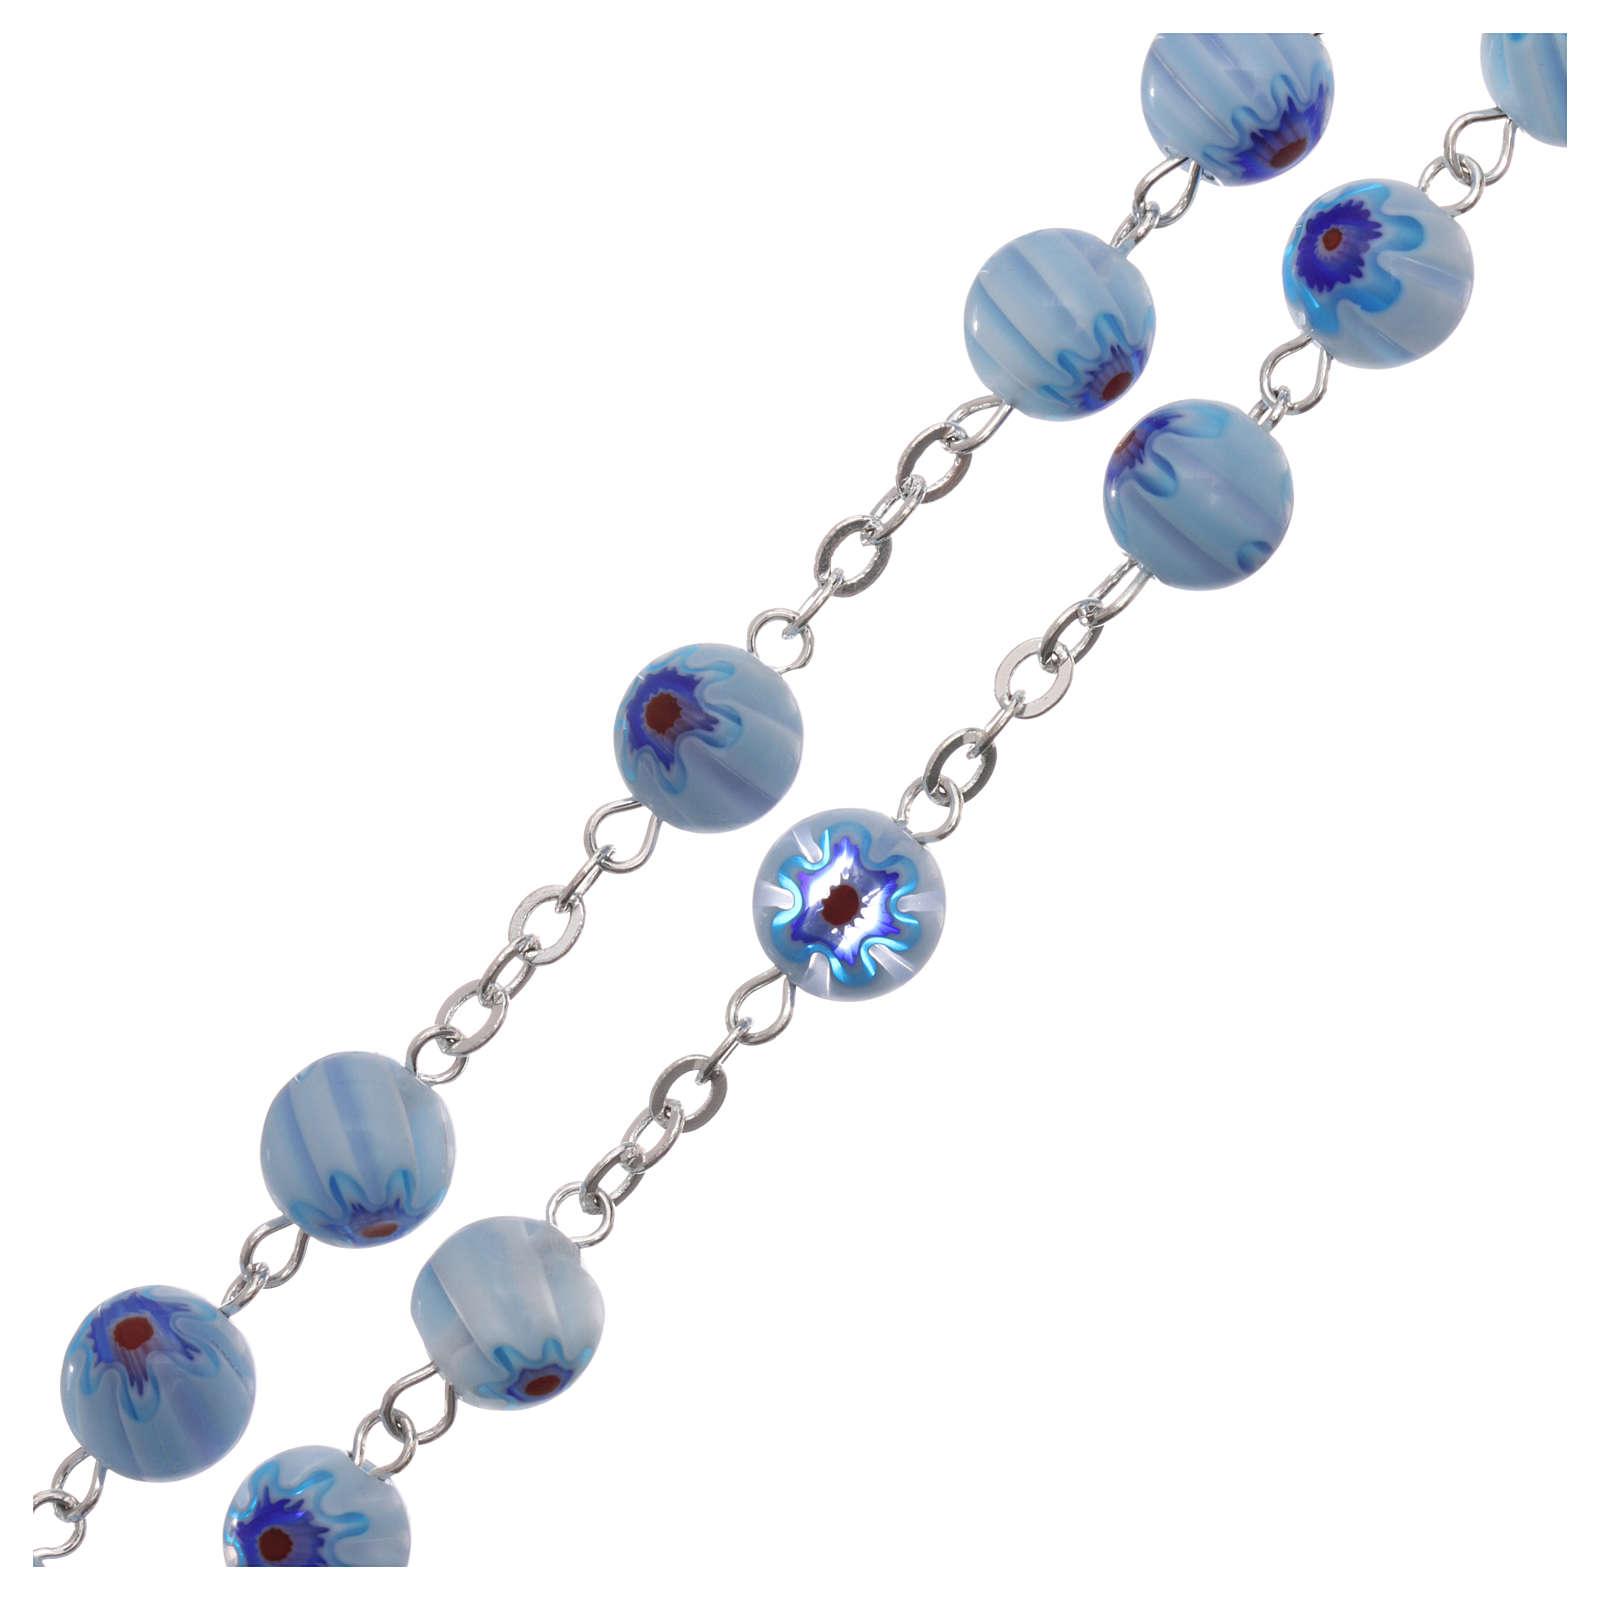 Rosenkranz mit blauen Glasperlen im Murrina-Stil mit floralen Motiven 8 mm 4